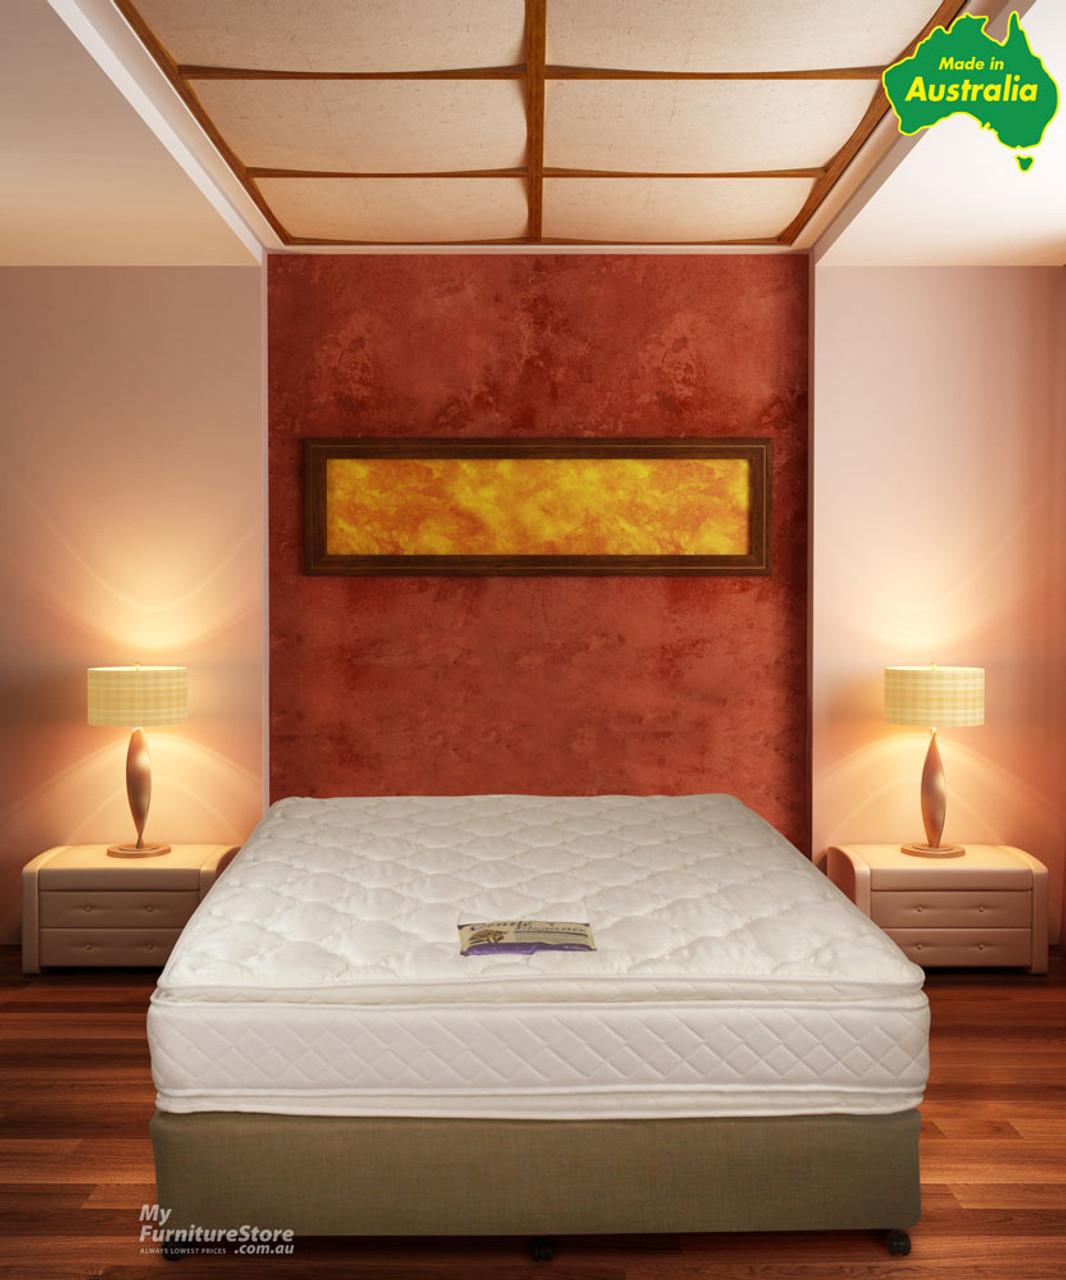 double sided pillow top mattress. QUEEN EMBASSY DOUBLE SIDED PILLOW TOP MATTRESS - GENTLY FIRM Double Sided Pillow Top Mattress